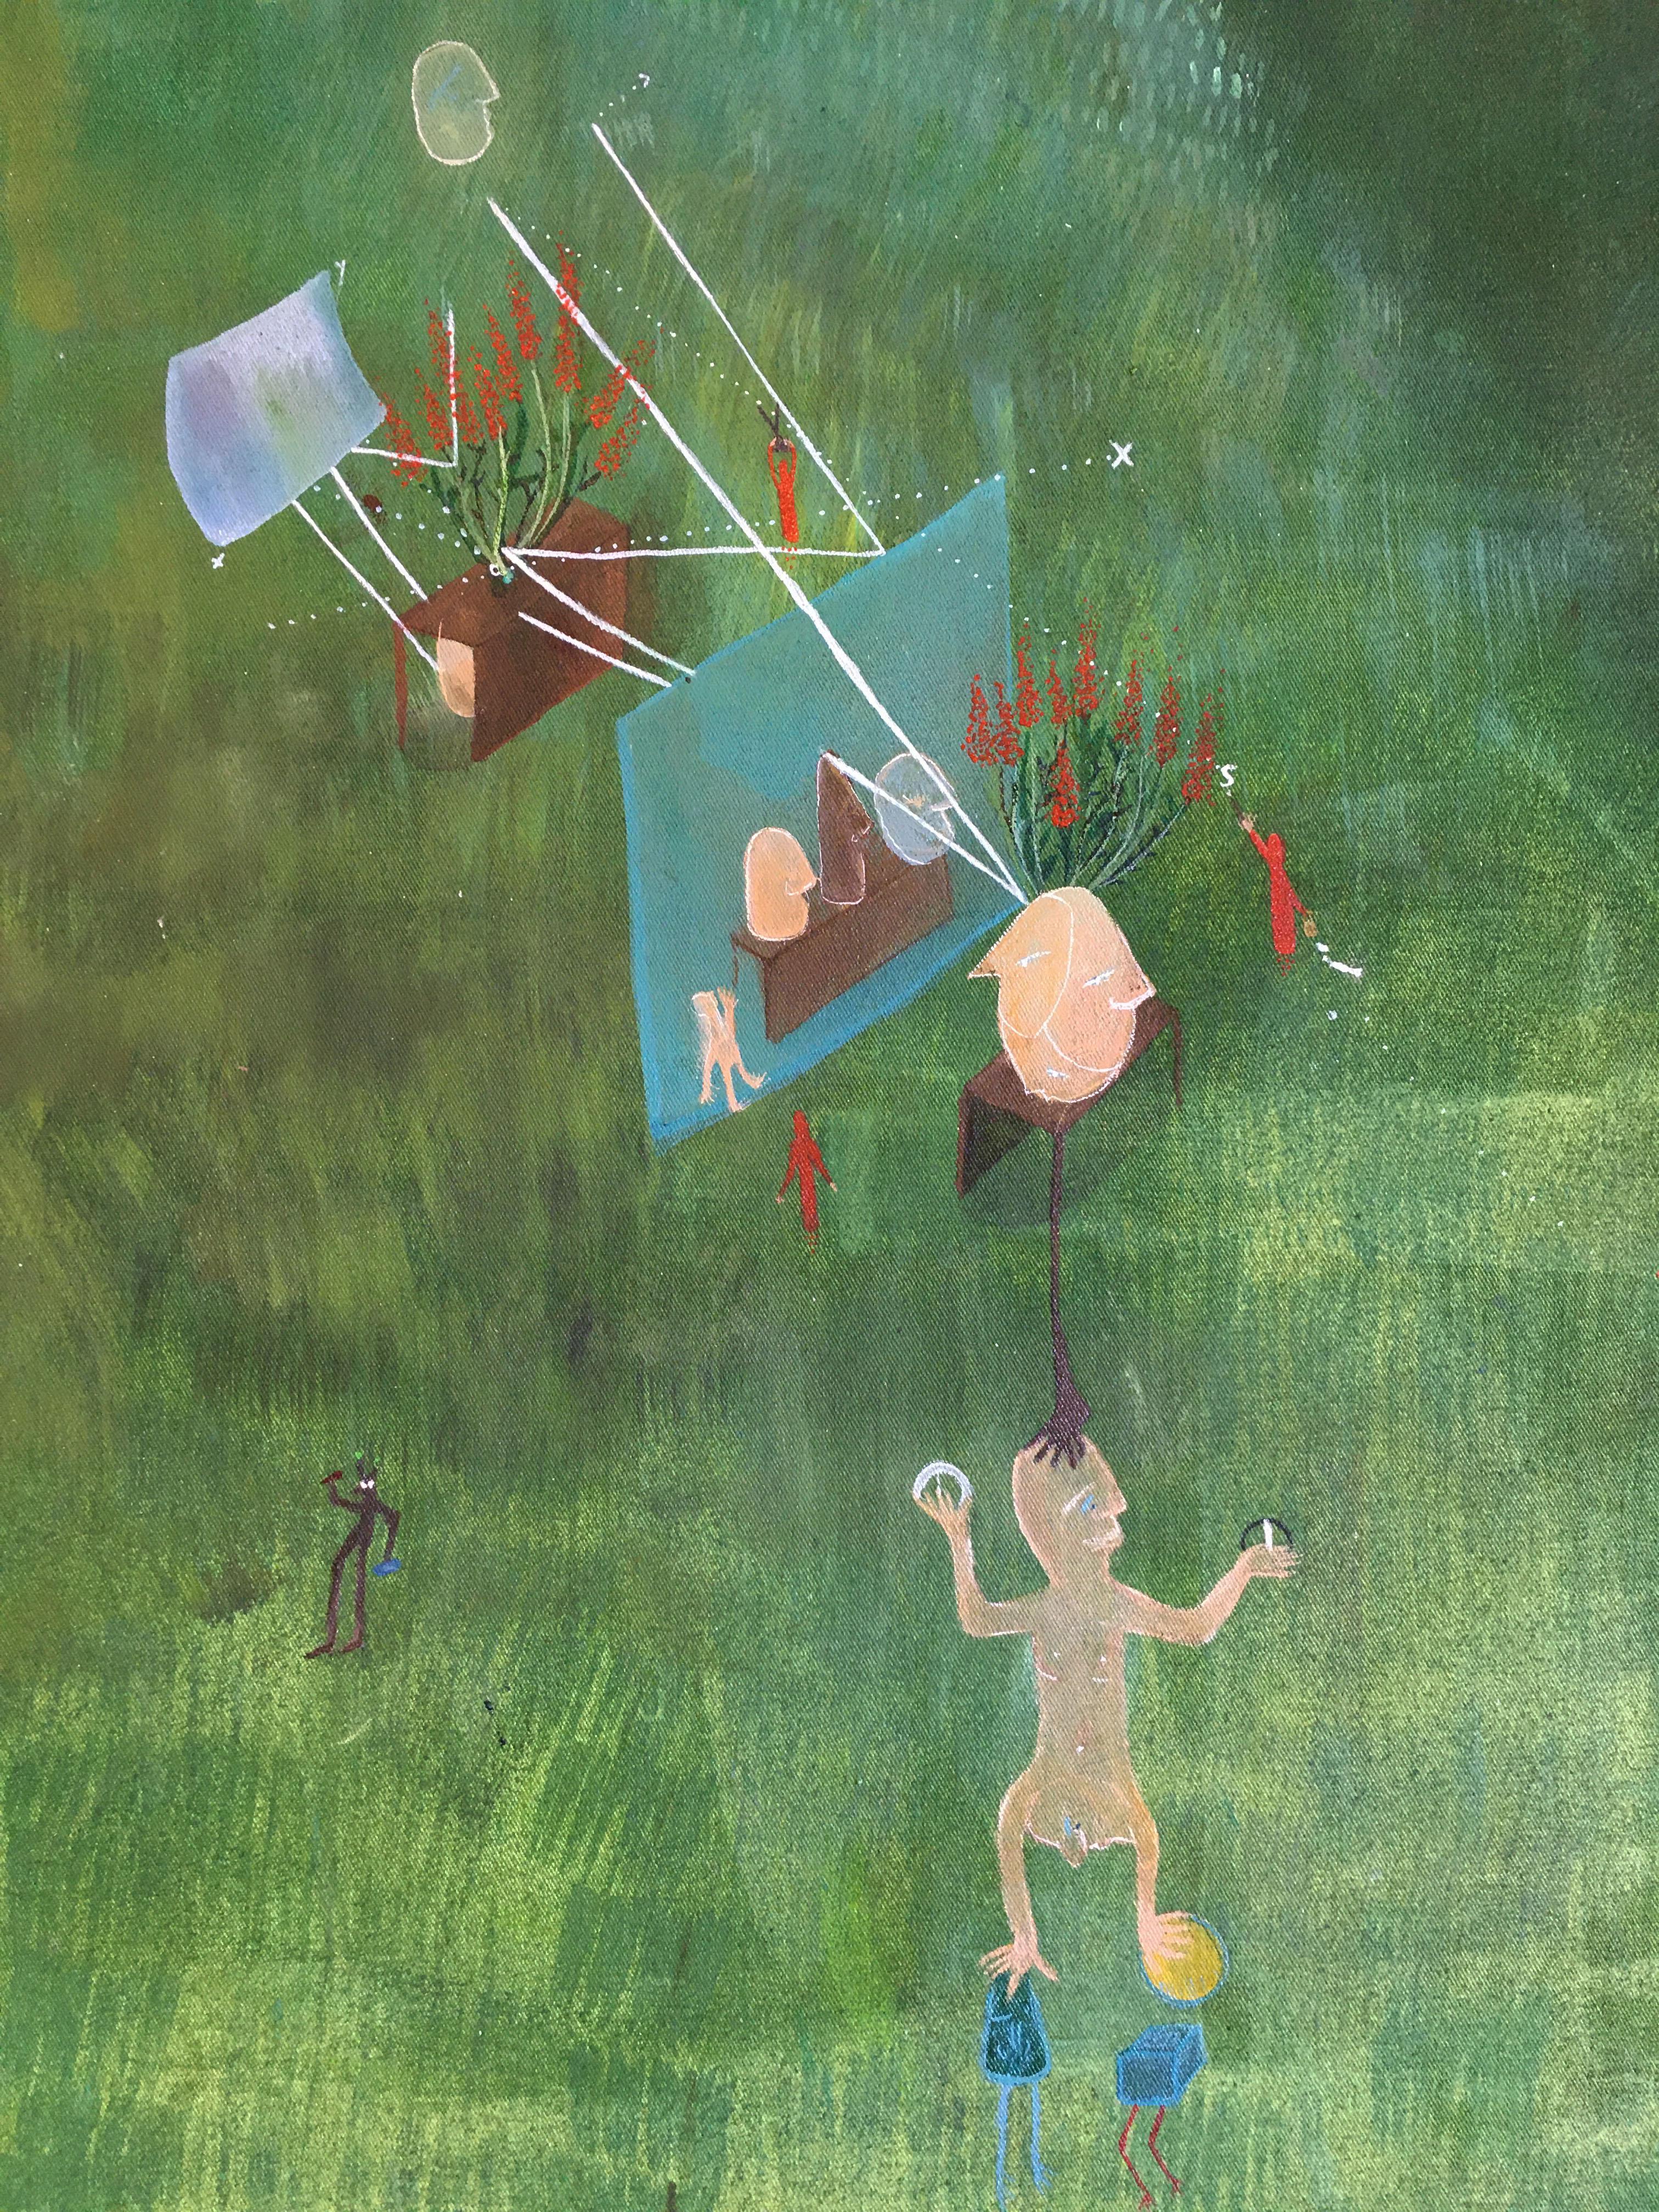 Julia Magdalene Rómas Paintings 2019